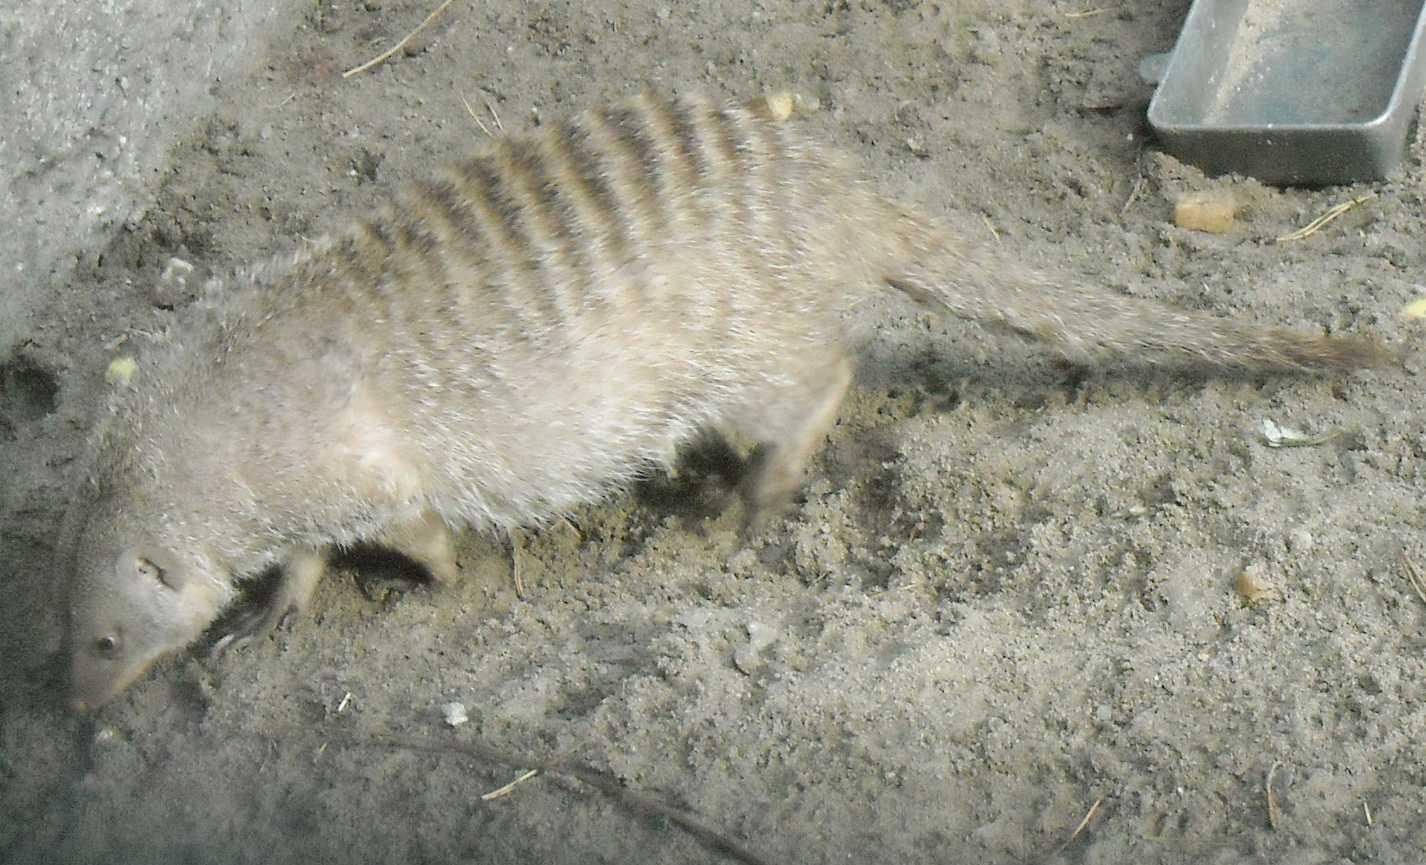 Полосатый мангуст - Mungos mungo  (фото 7993)